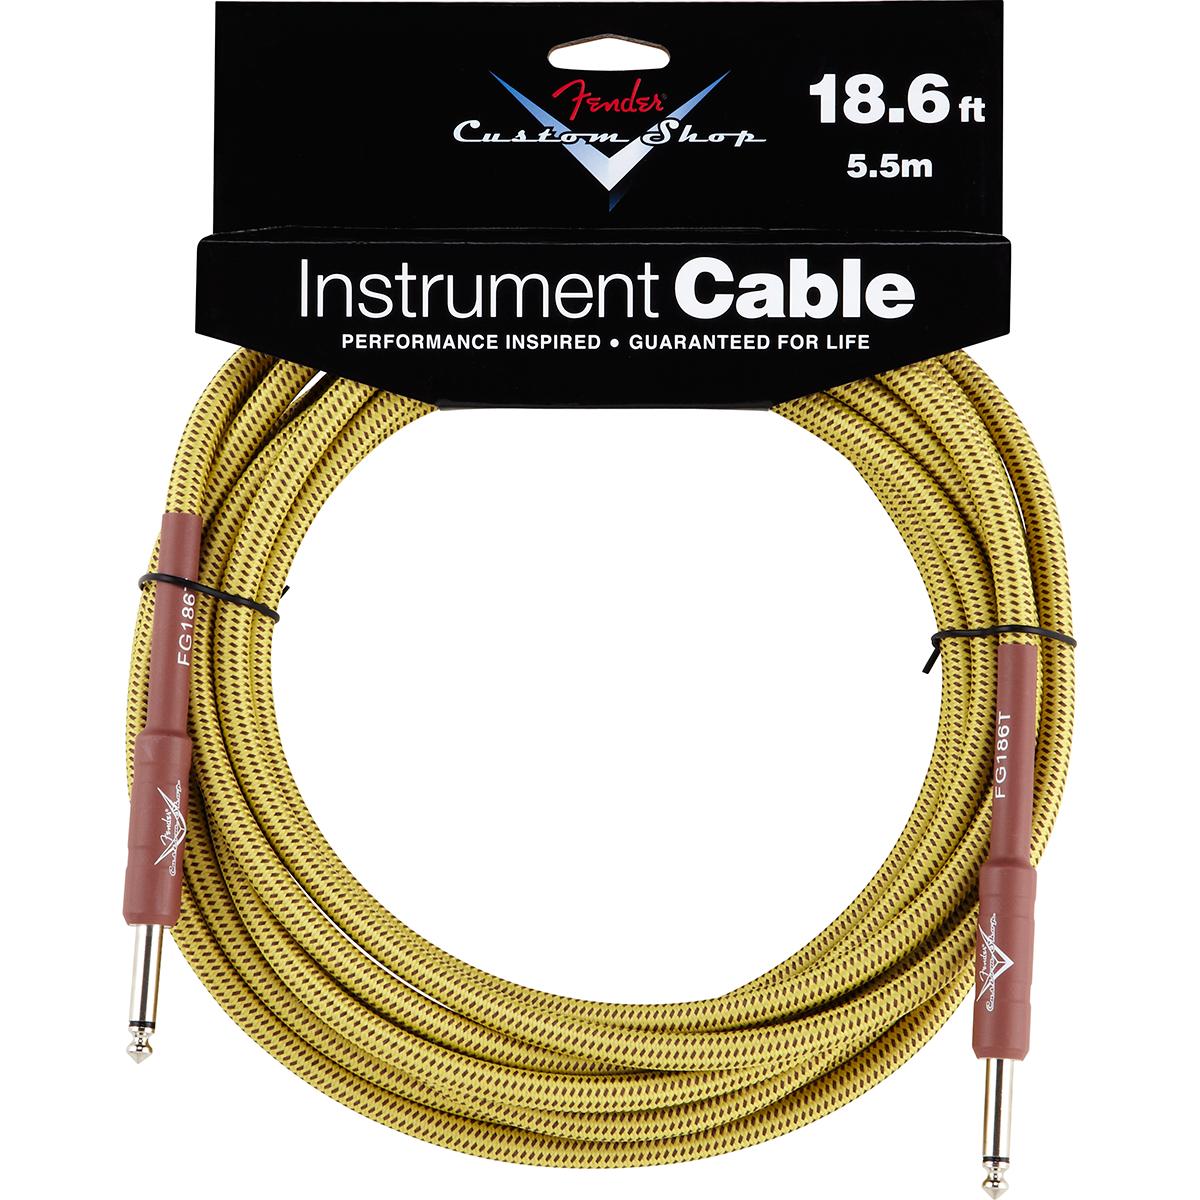 Billede af Fender CustomShop18.6ft jack-til-jack-kabel tweed 5,5meter